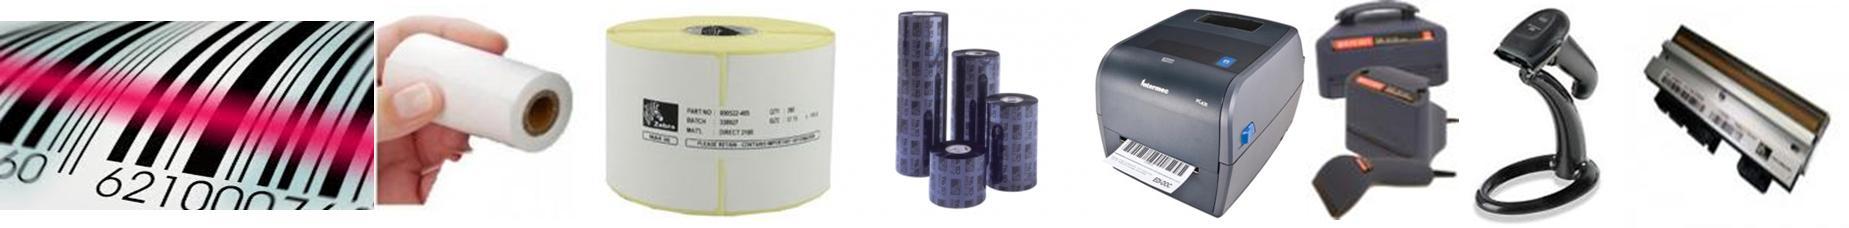 Zebra Labels, Zebra Ribbons, Label Printers, Bar Code Readers